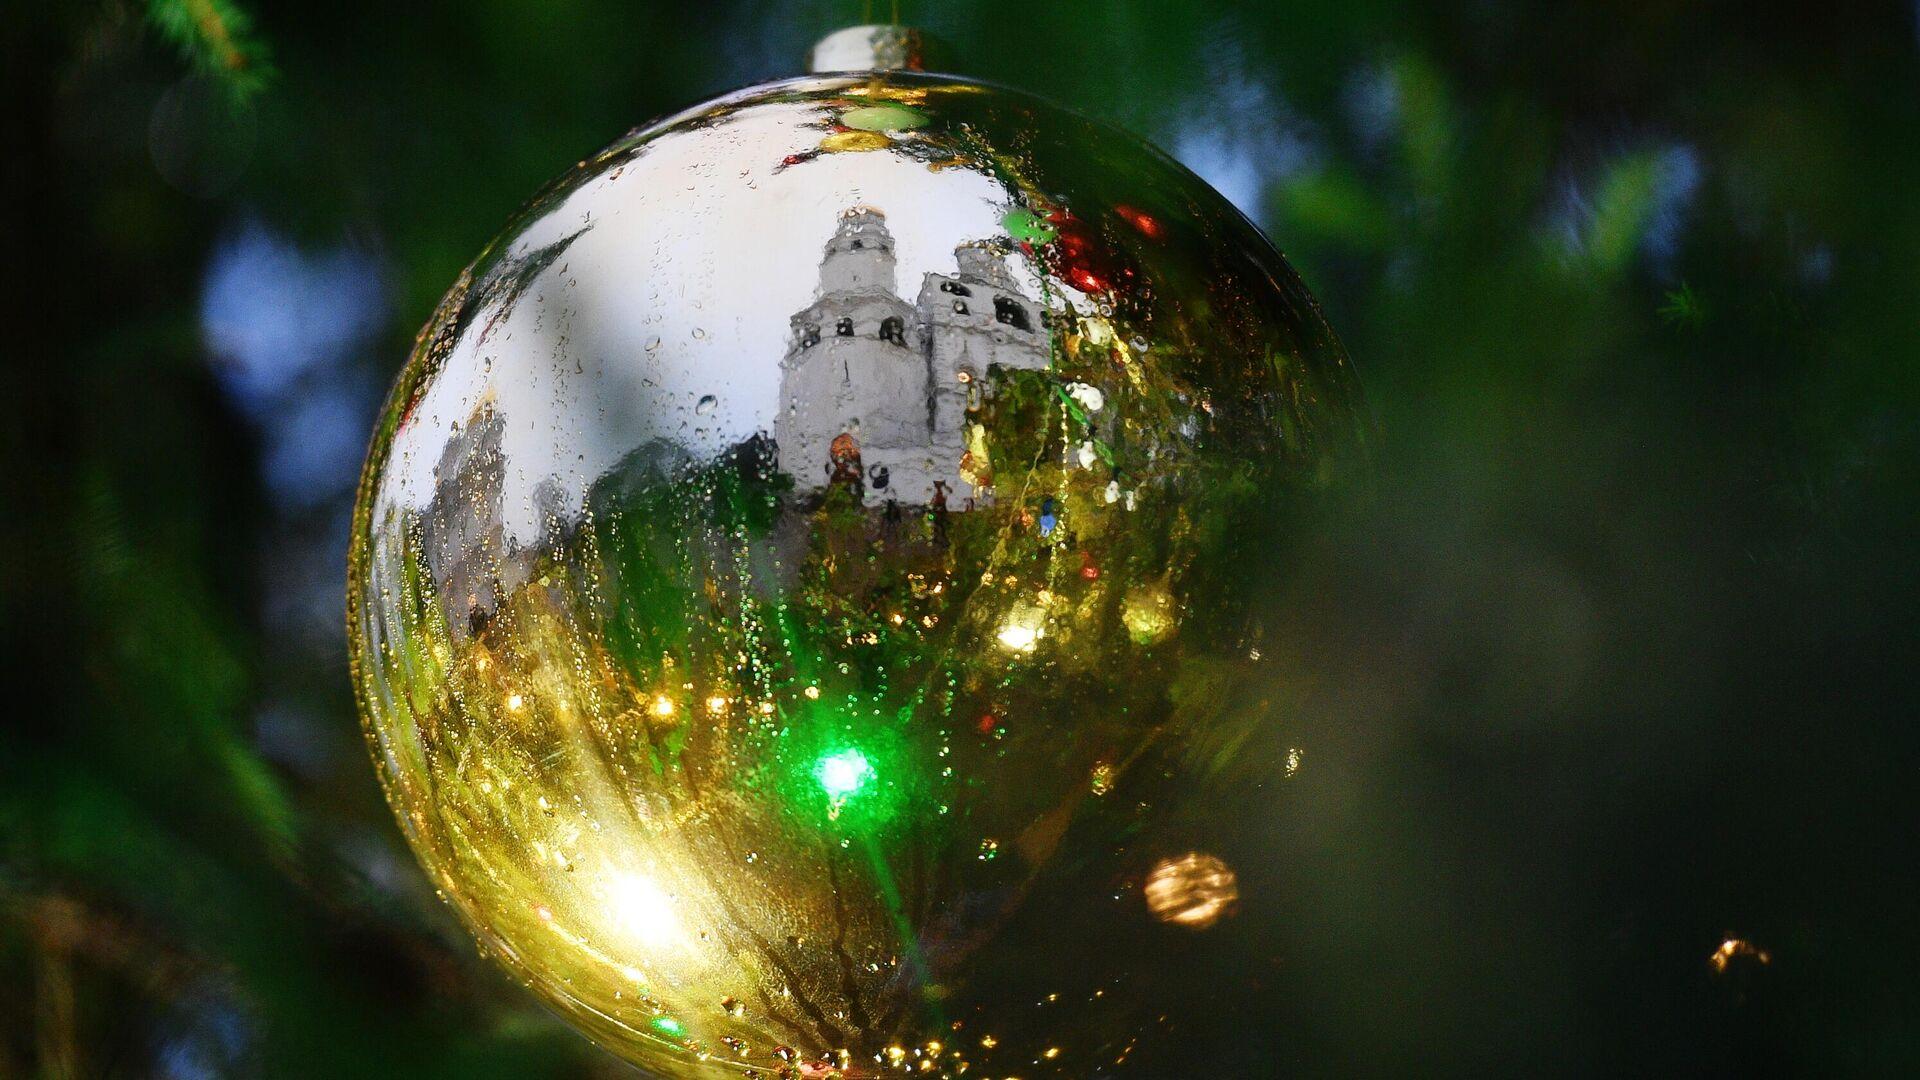 Украшение новогодней елки на Соборной площади Кремля - РИА Новости, 1920, 04.12.2020